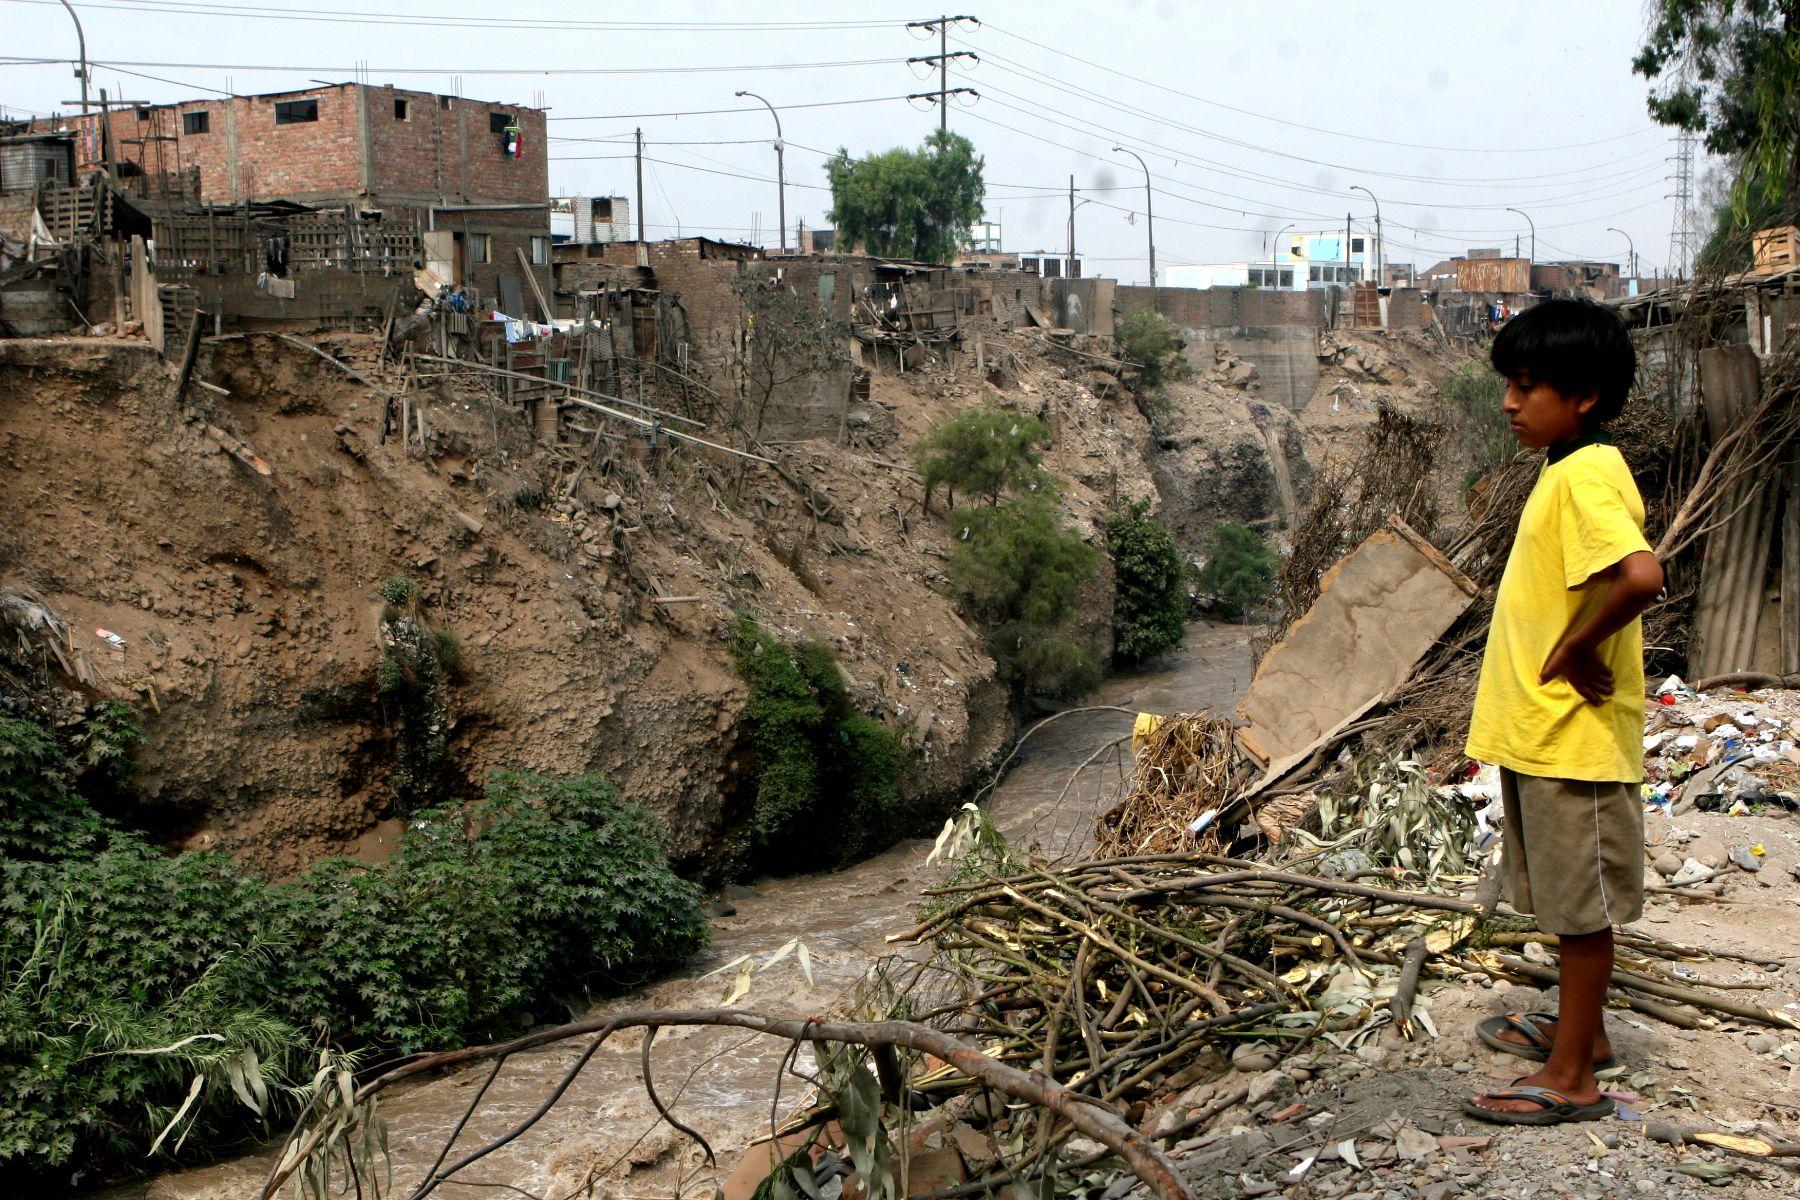 Defensa Civil identificó puntos de riesgo en cuencas de ríos Rímac, Chillón y Lurín. Foto: ANDINA/Jorge Paz H.